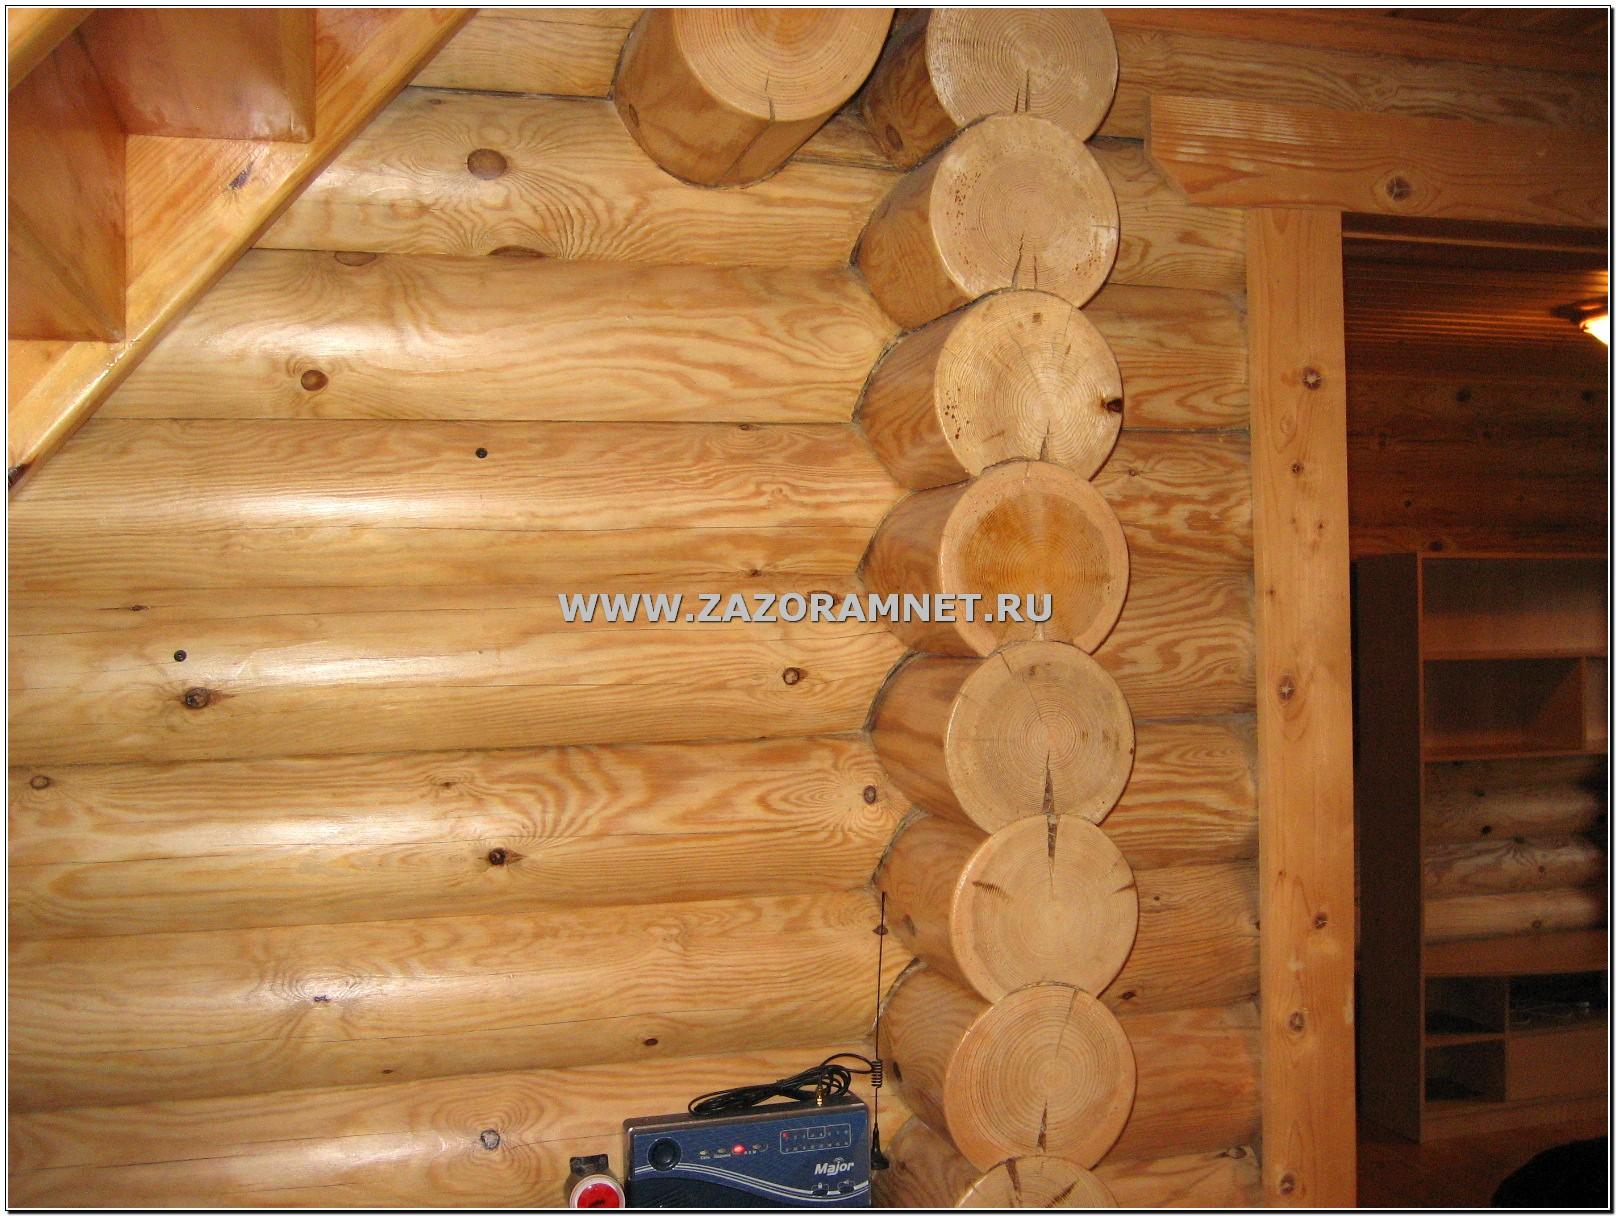 щели между бревнами в стене бревенчатого дома после усадки